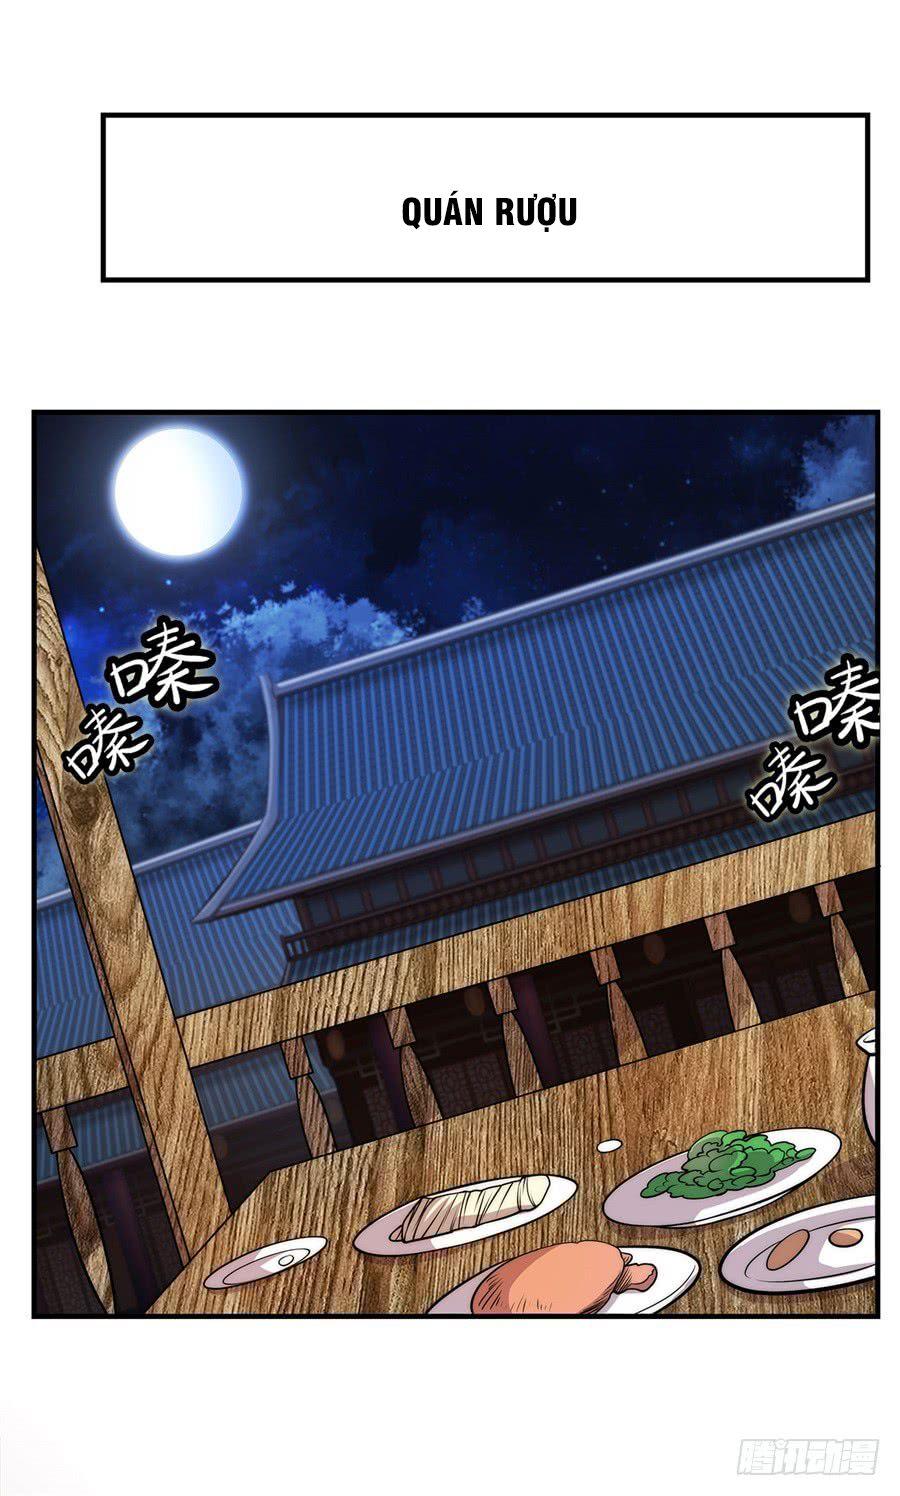 Cuộc Sống Thoái Ẩn Của Võ Lâm Chi Vương - Chap 24